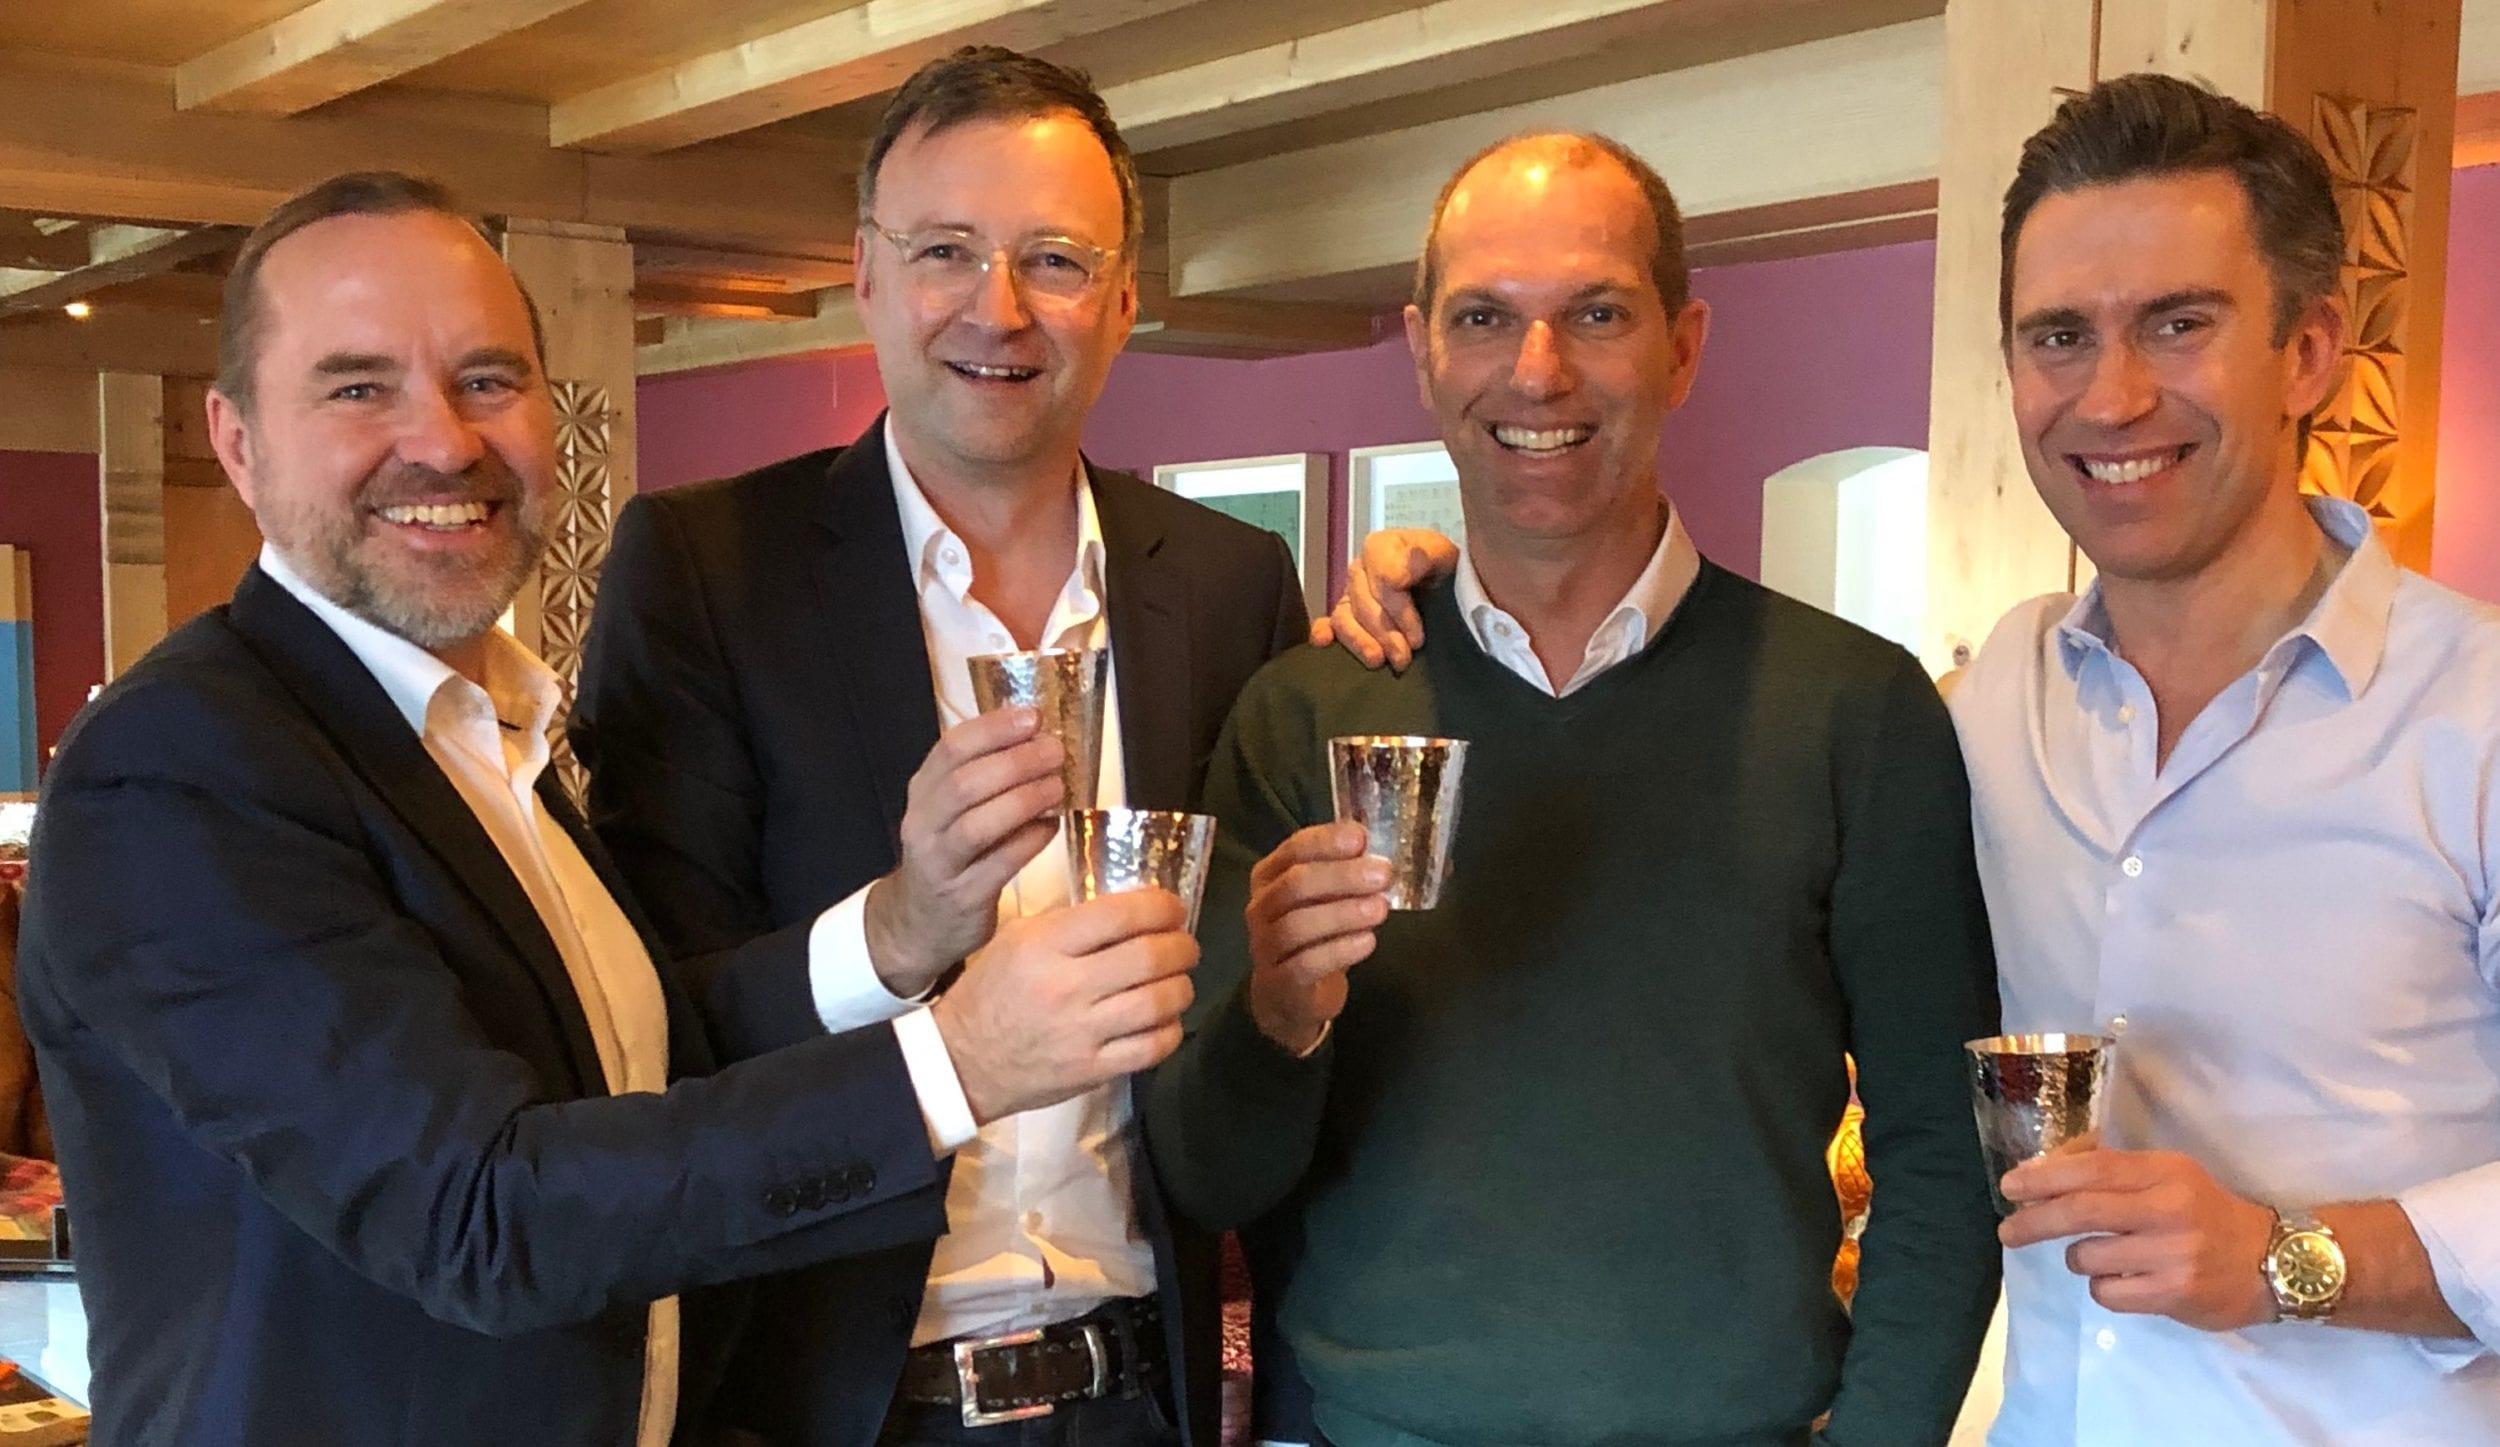 IMG 3144 American Bar des Jahres zu Gast im KRISTIANIA in Lech